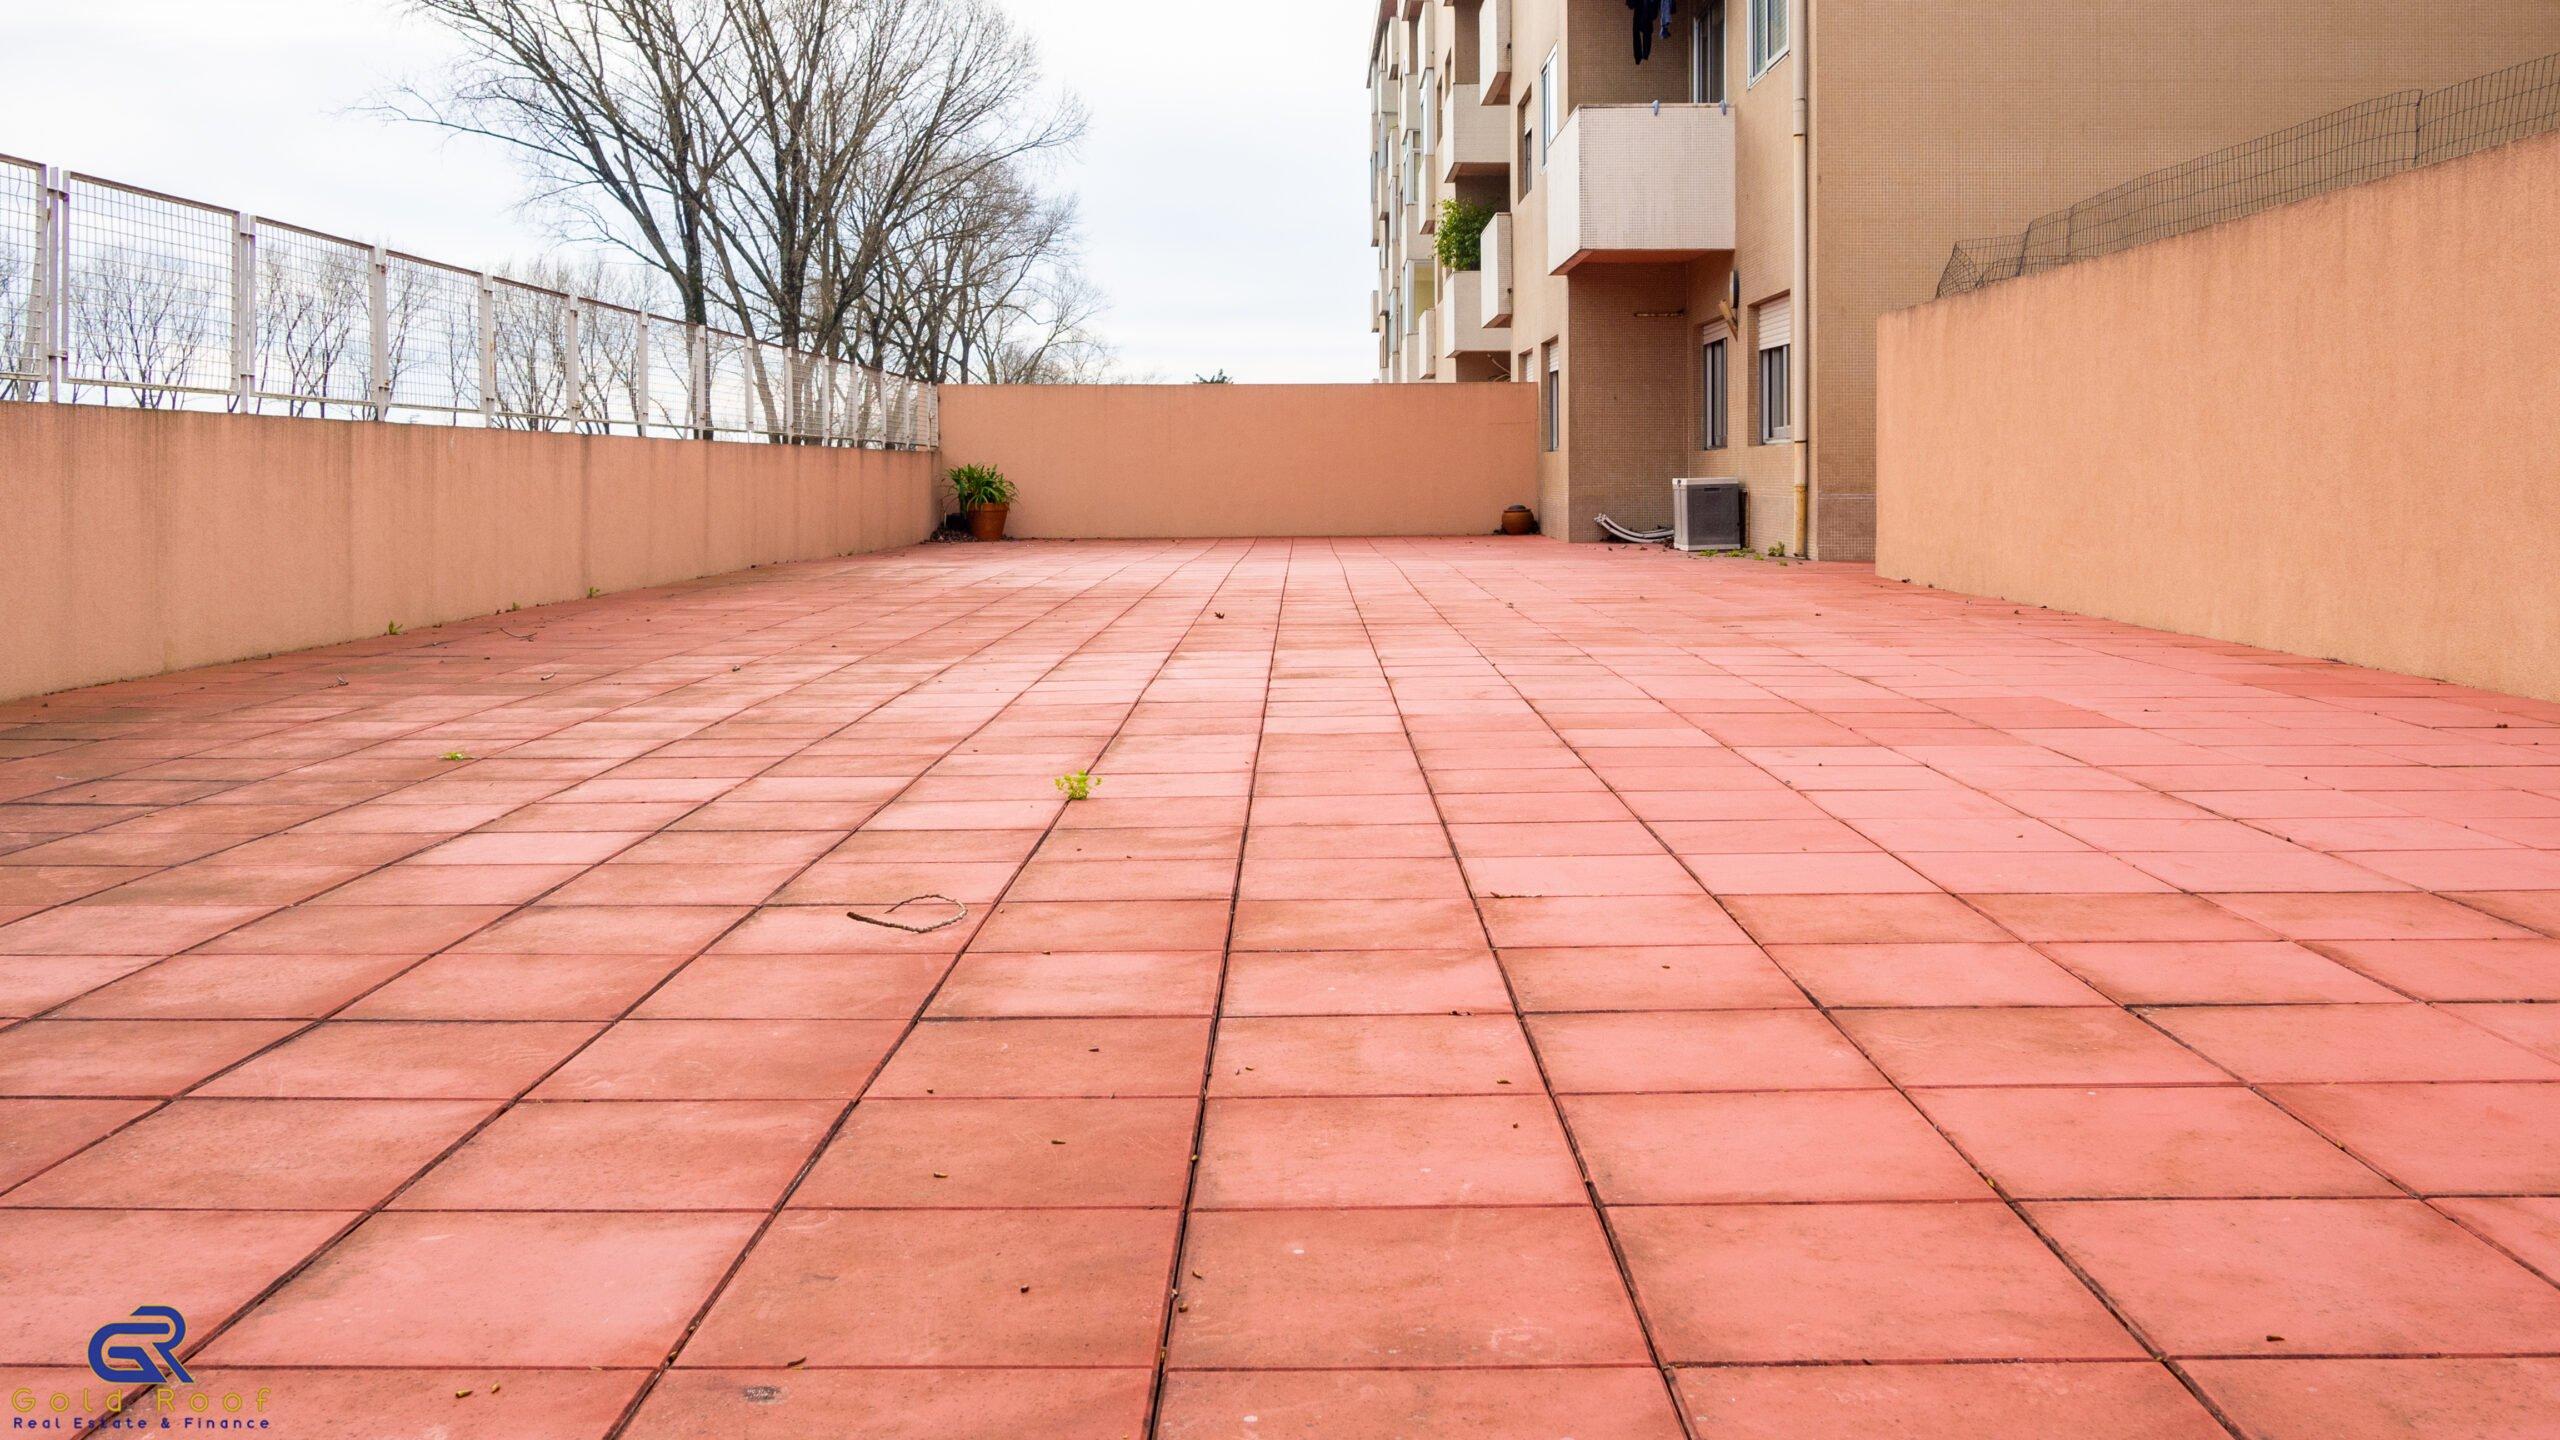 Apartamento T3+1 com terraço, Ramalde, Porto – VENDIDO